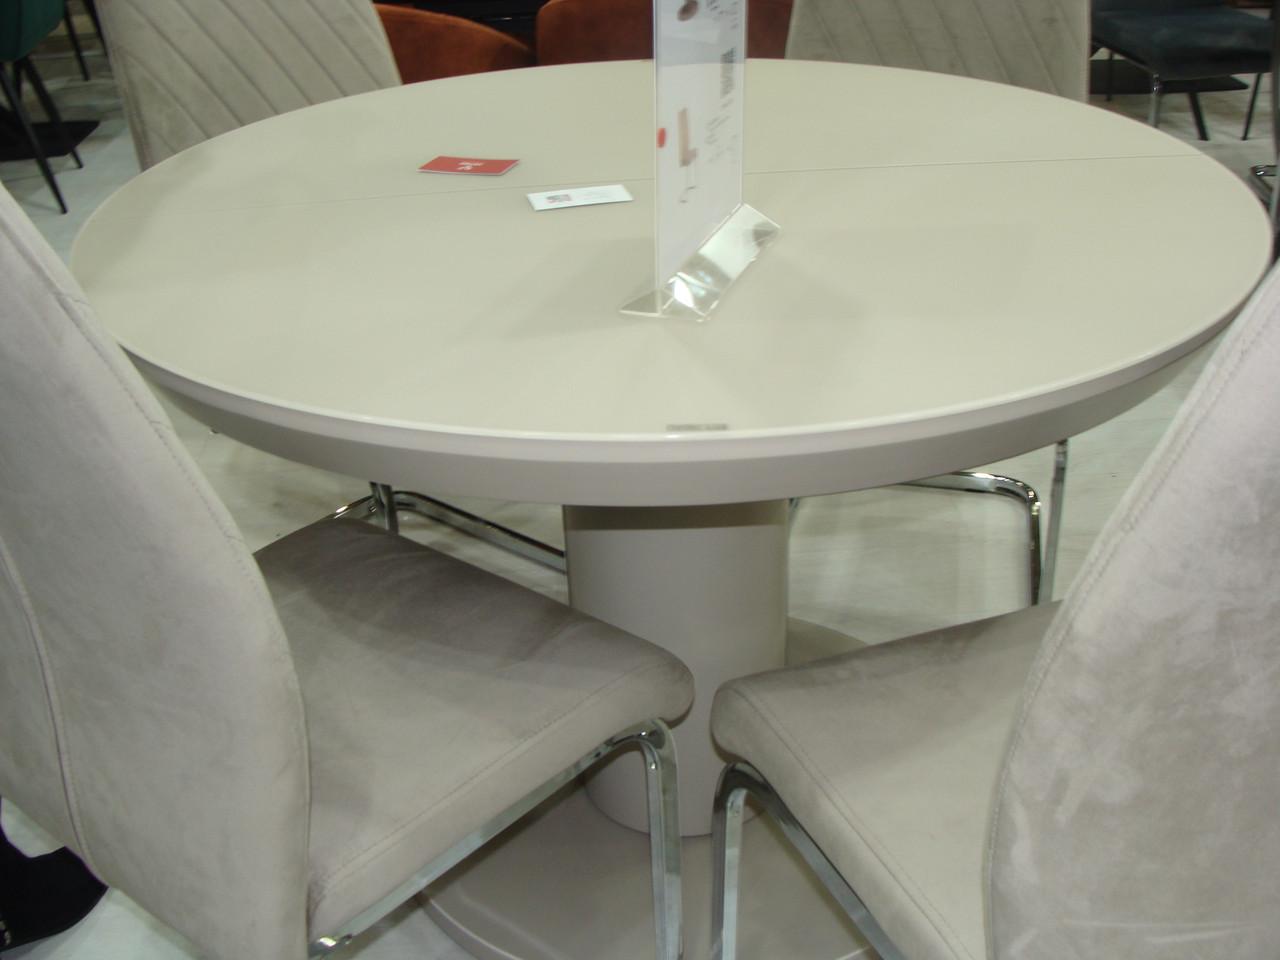 Круглый стол ТМL-519 матовый капучино 110/150 от Vetro Mebel (бесплатная доставка)